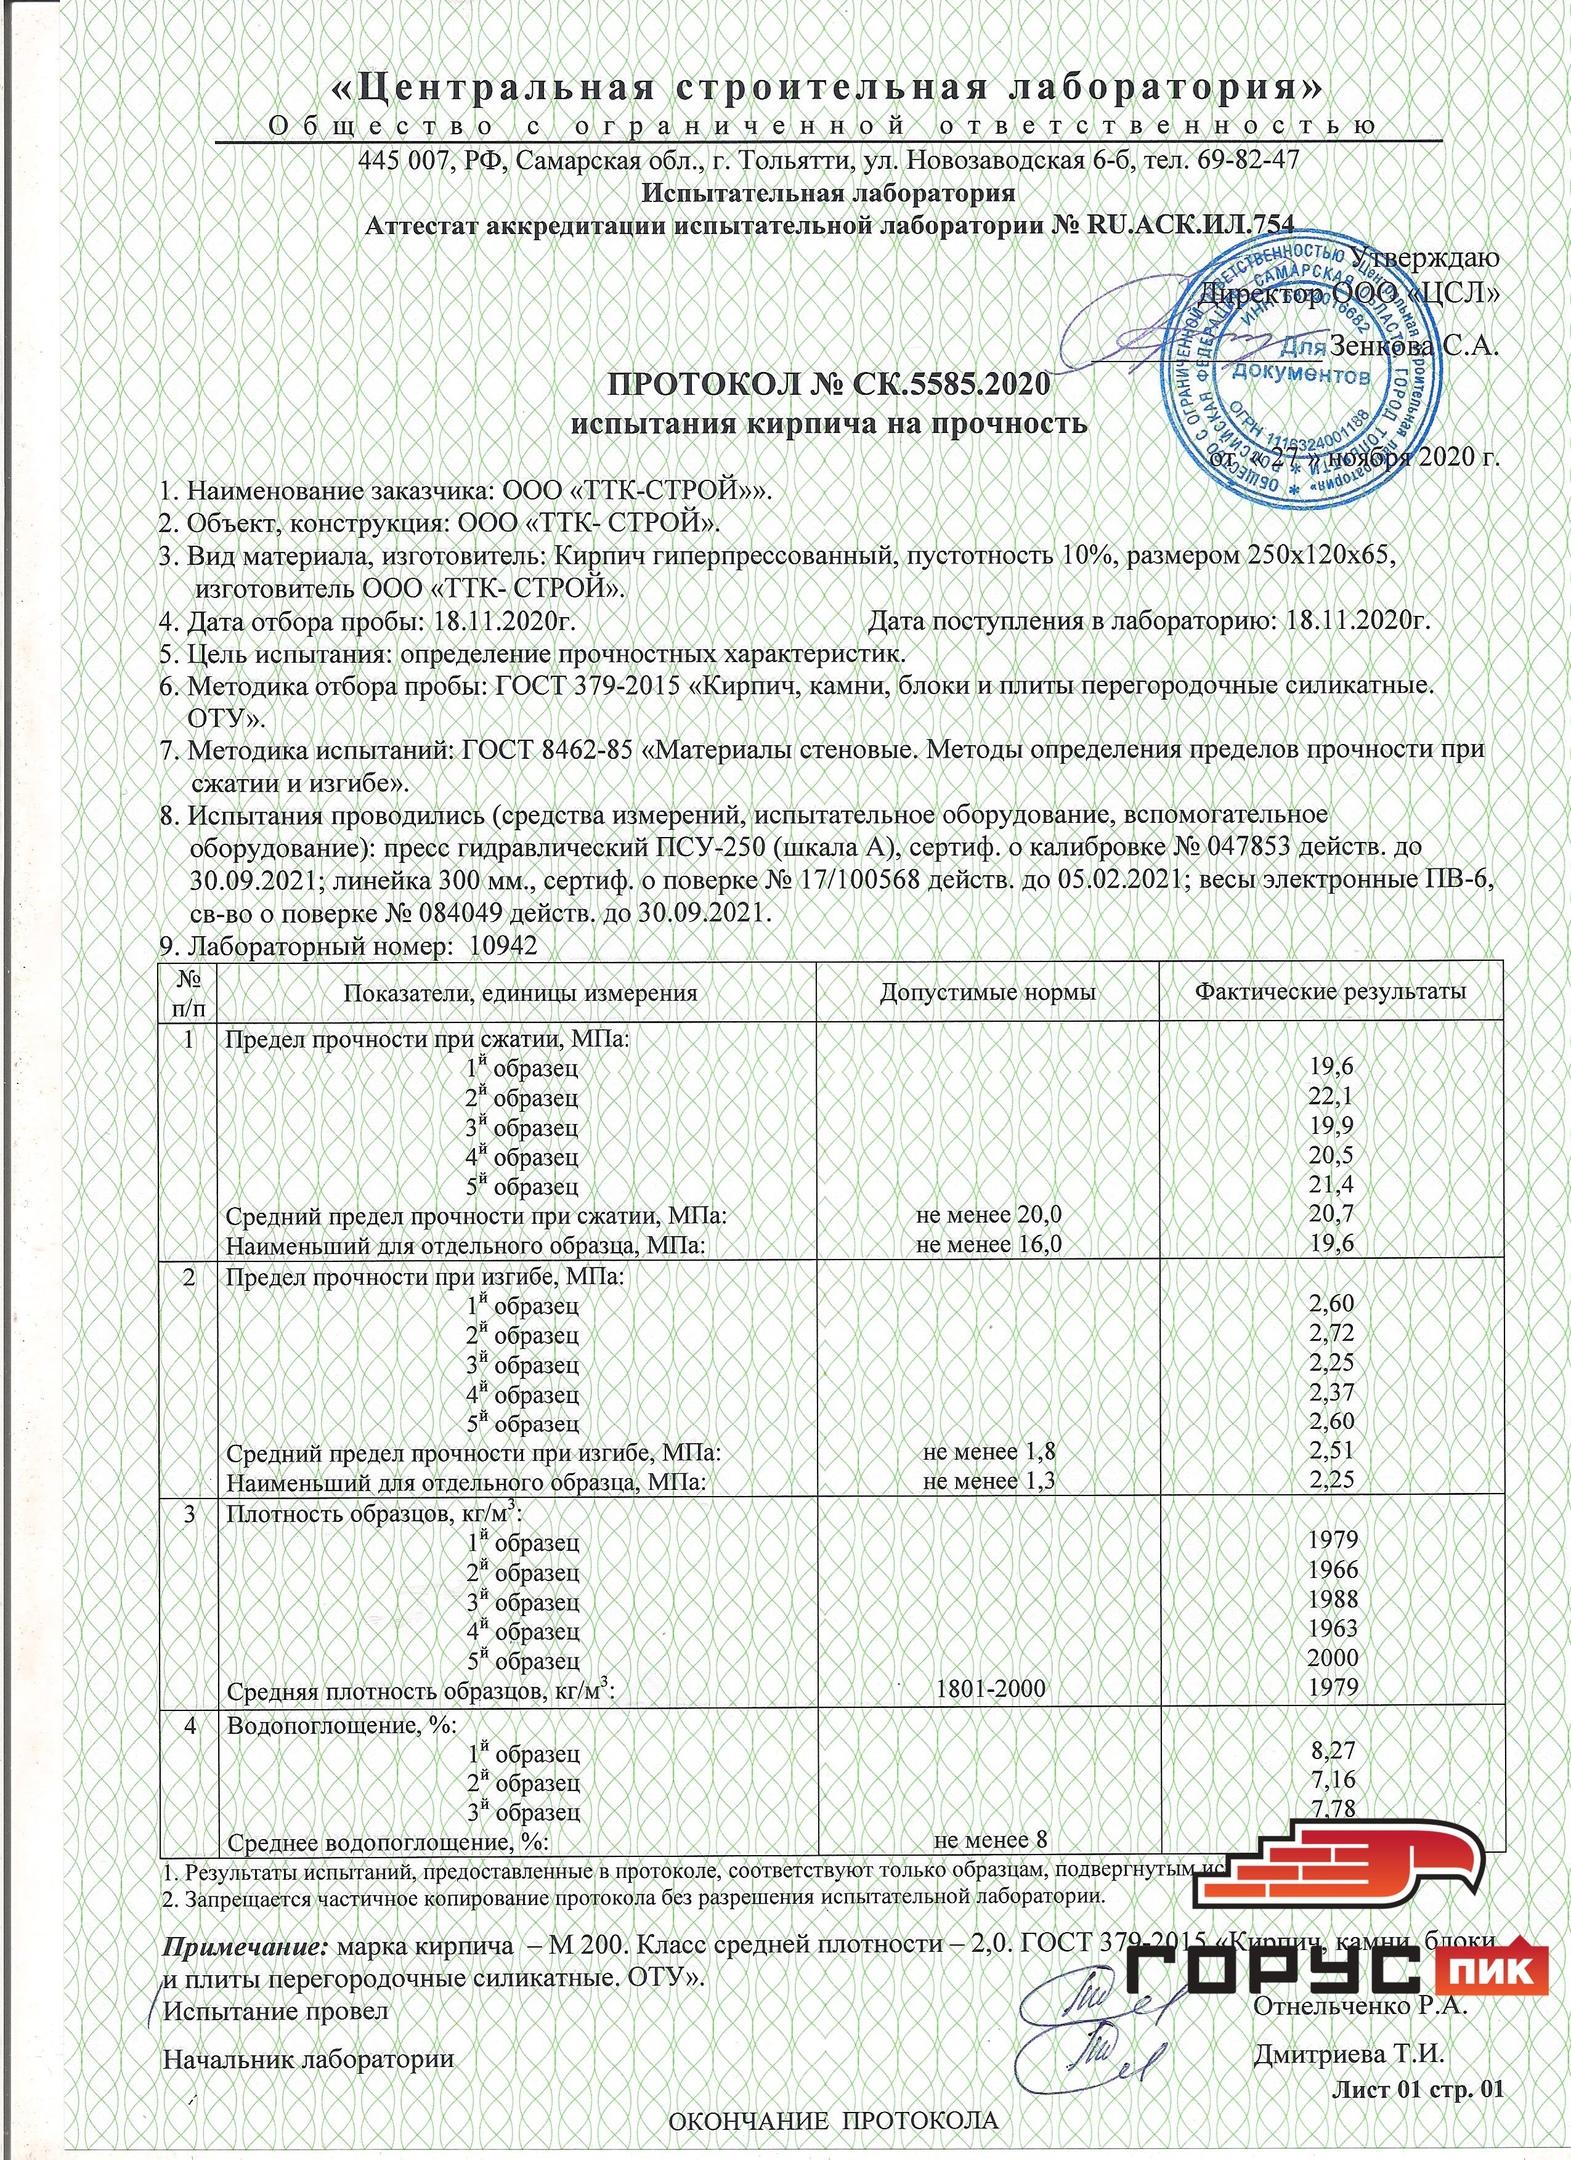 Сертификация и протоколирование испытаний - это важнейшее звено в любом производстве, особенно в производстве кирпича.